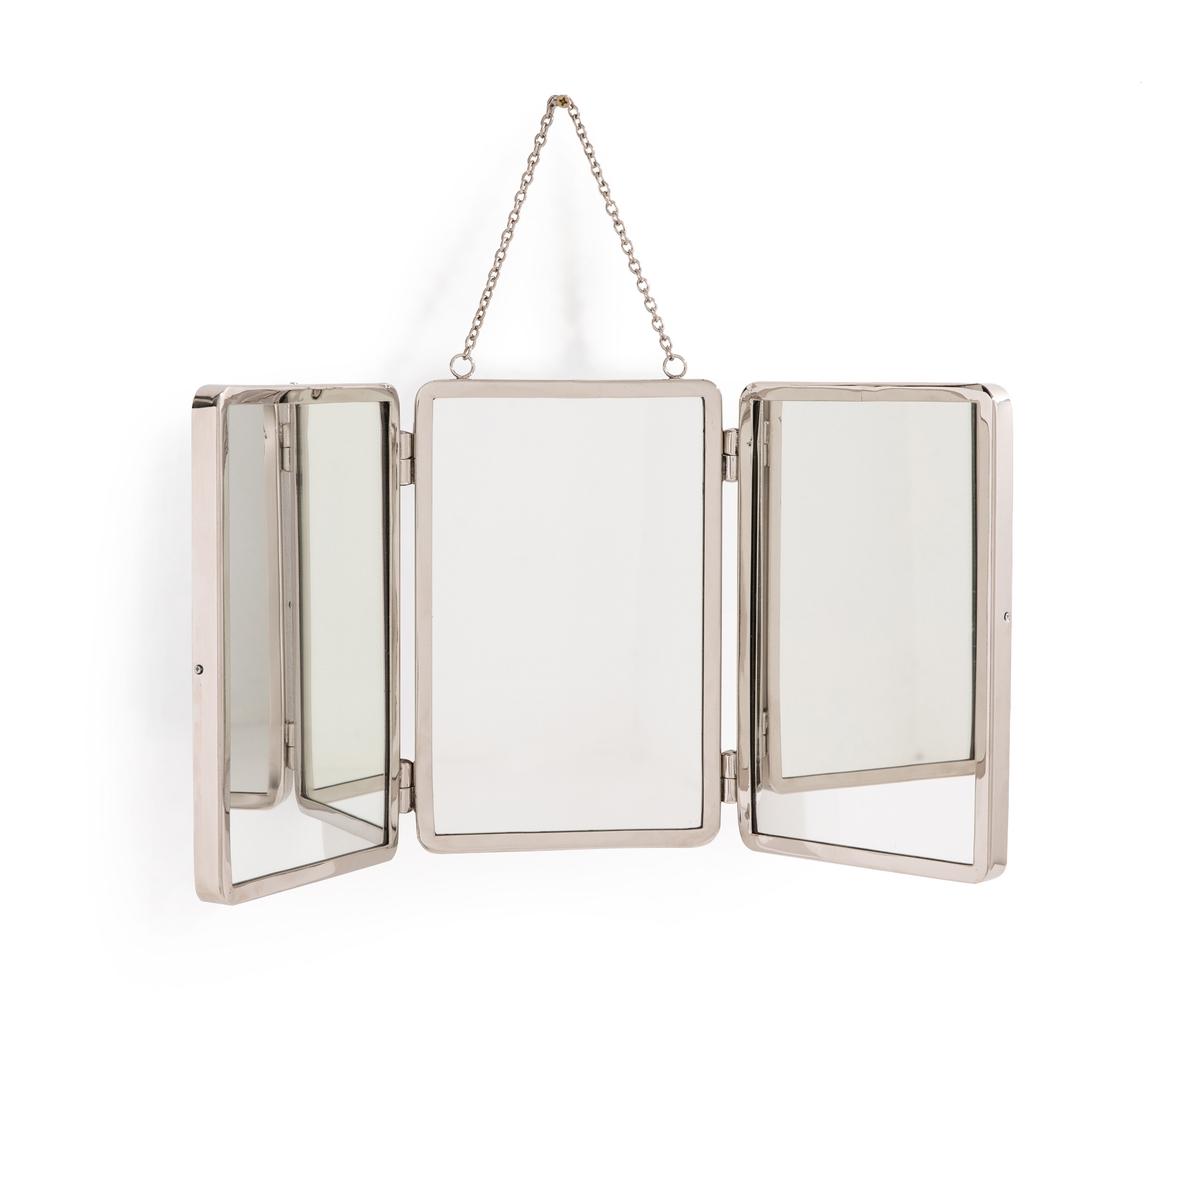 Зеркало La Redoute Маленькая модель Д55 x В27 см Barbier единый размер другие зеркало la redoute прямоугольное д x в см barbier единый размер другие